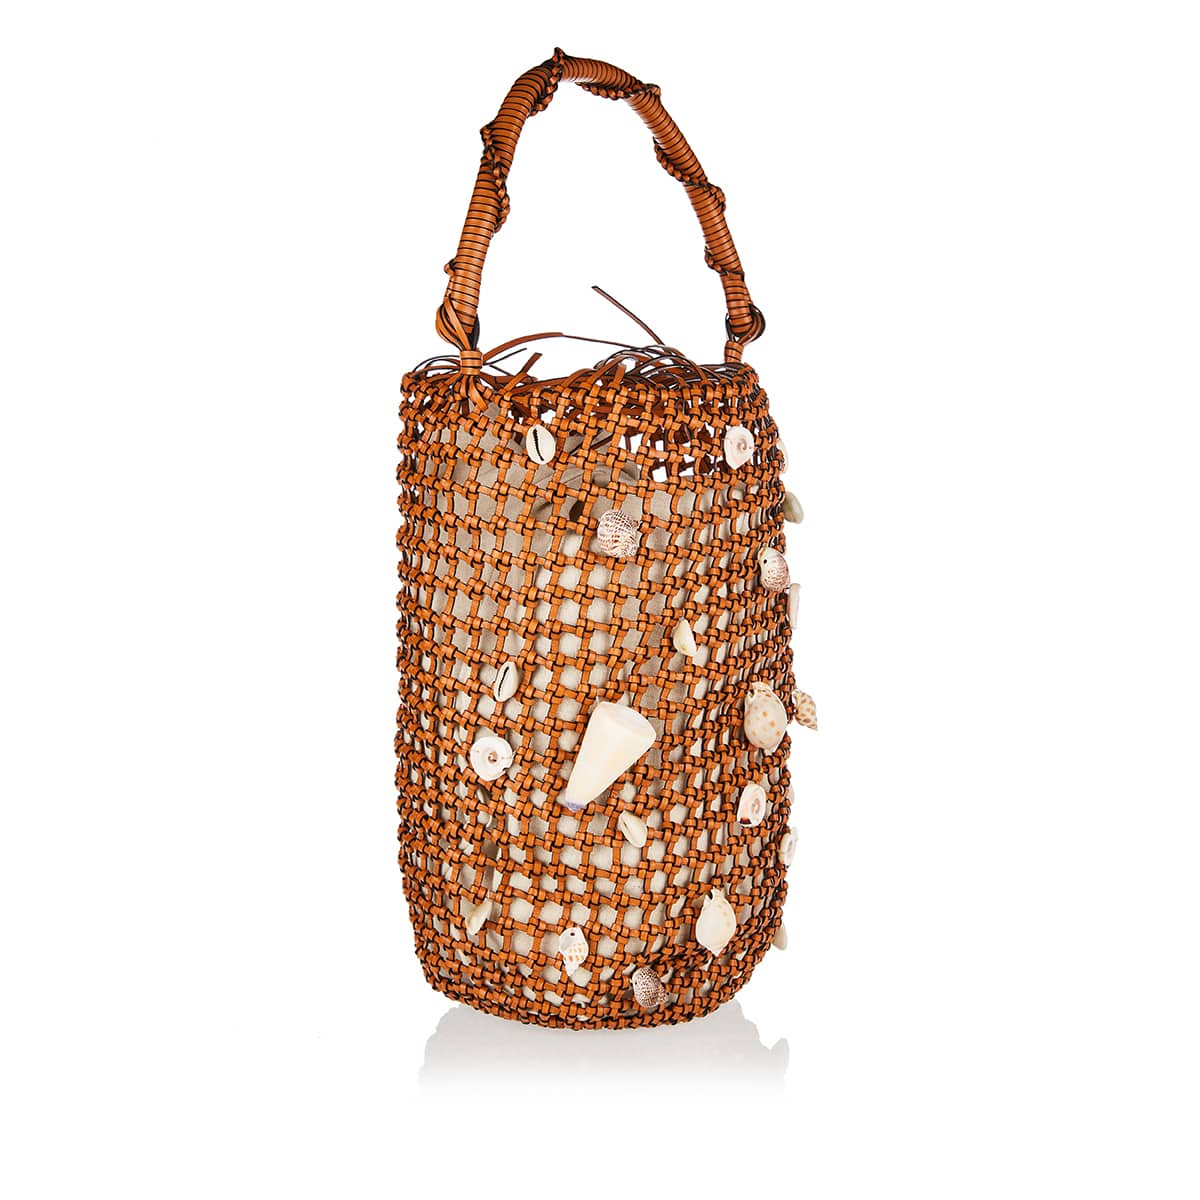 Shells Mesh leather bucket bag